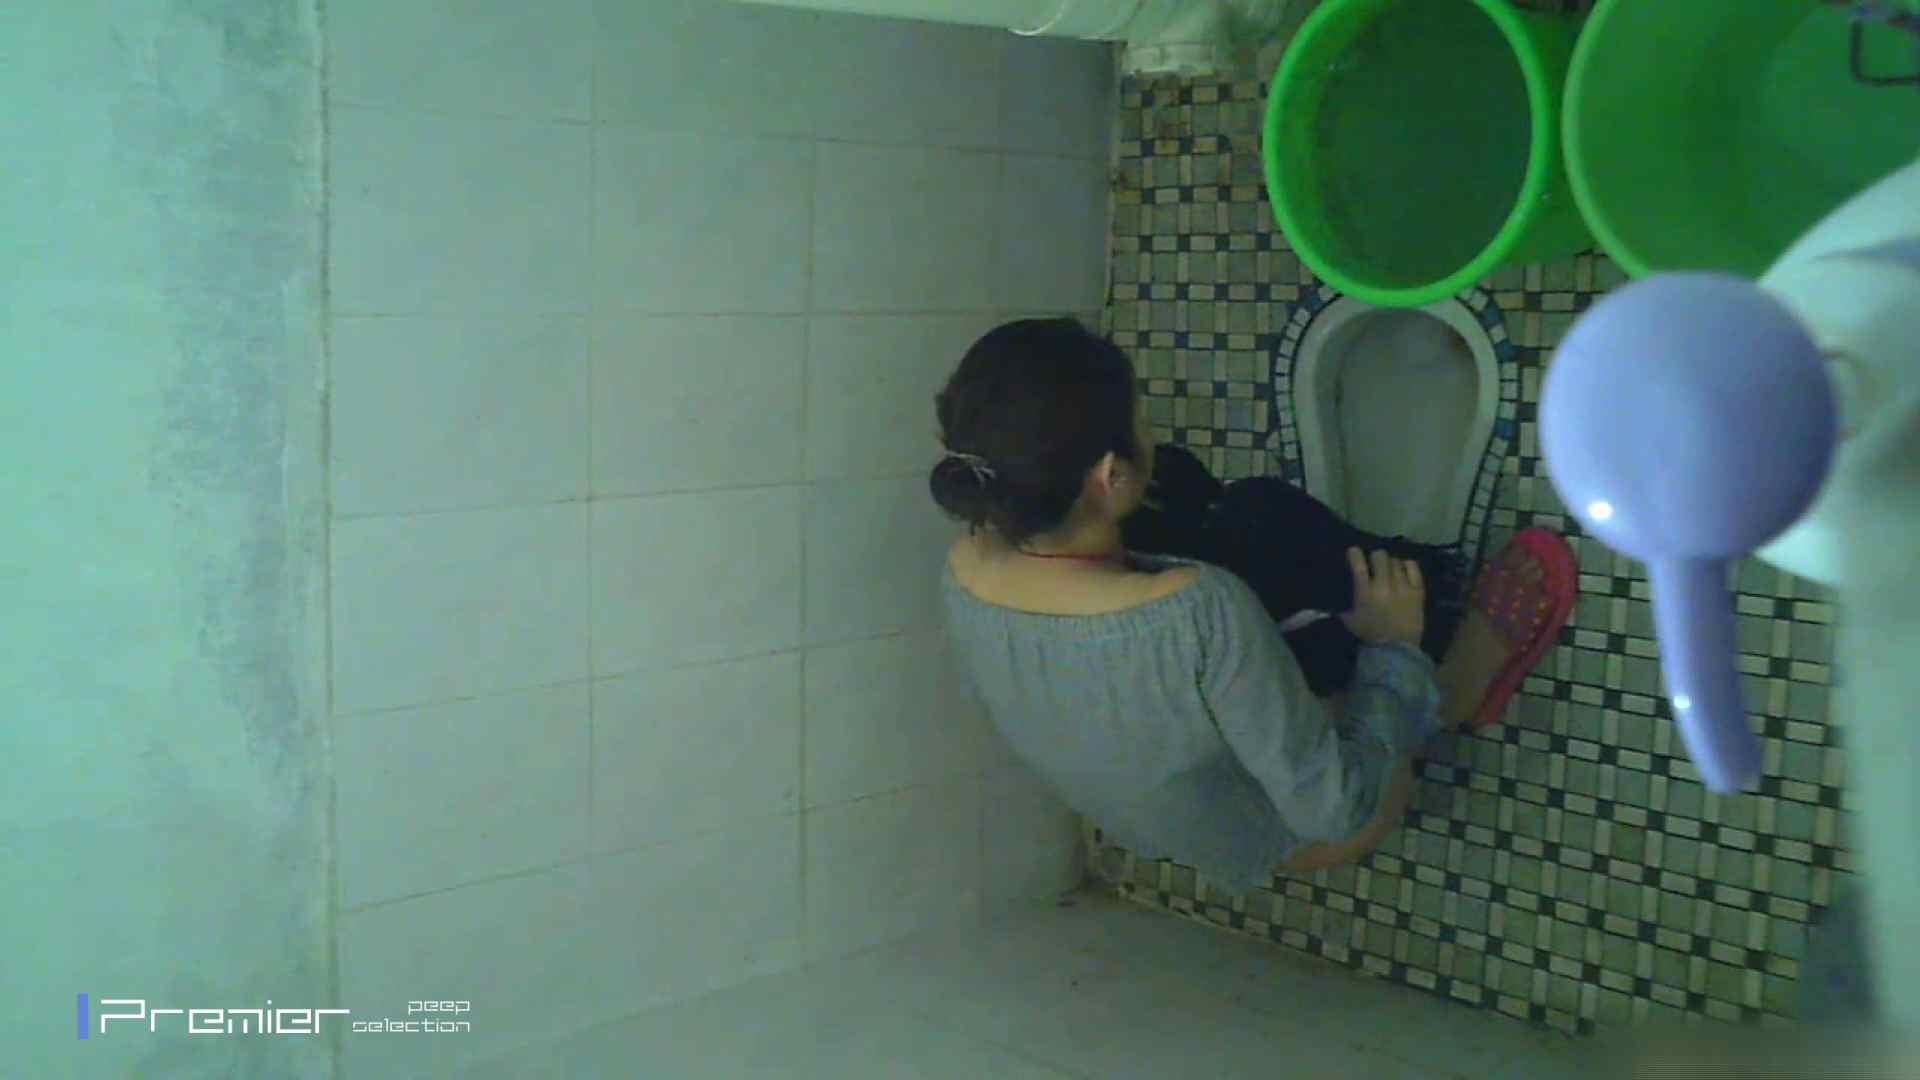 美女の痴態に密着!トイレシーンを密着盗撮!!Vol.12 トイレの中の女の子 オマンコ動画キャプチャ 97連発 29